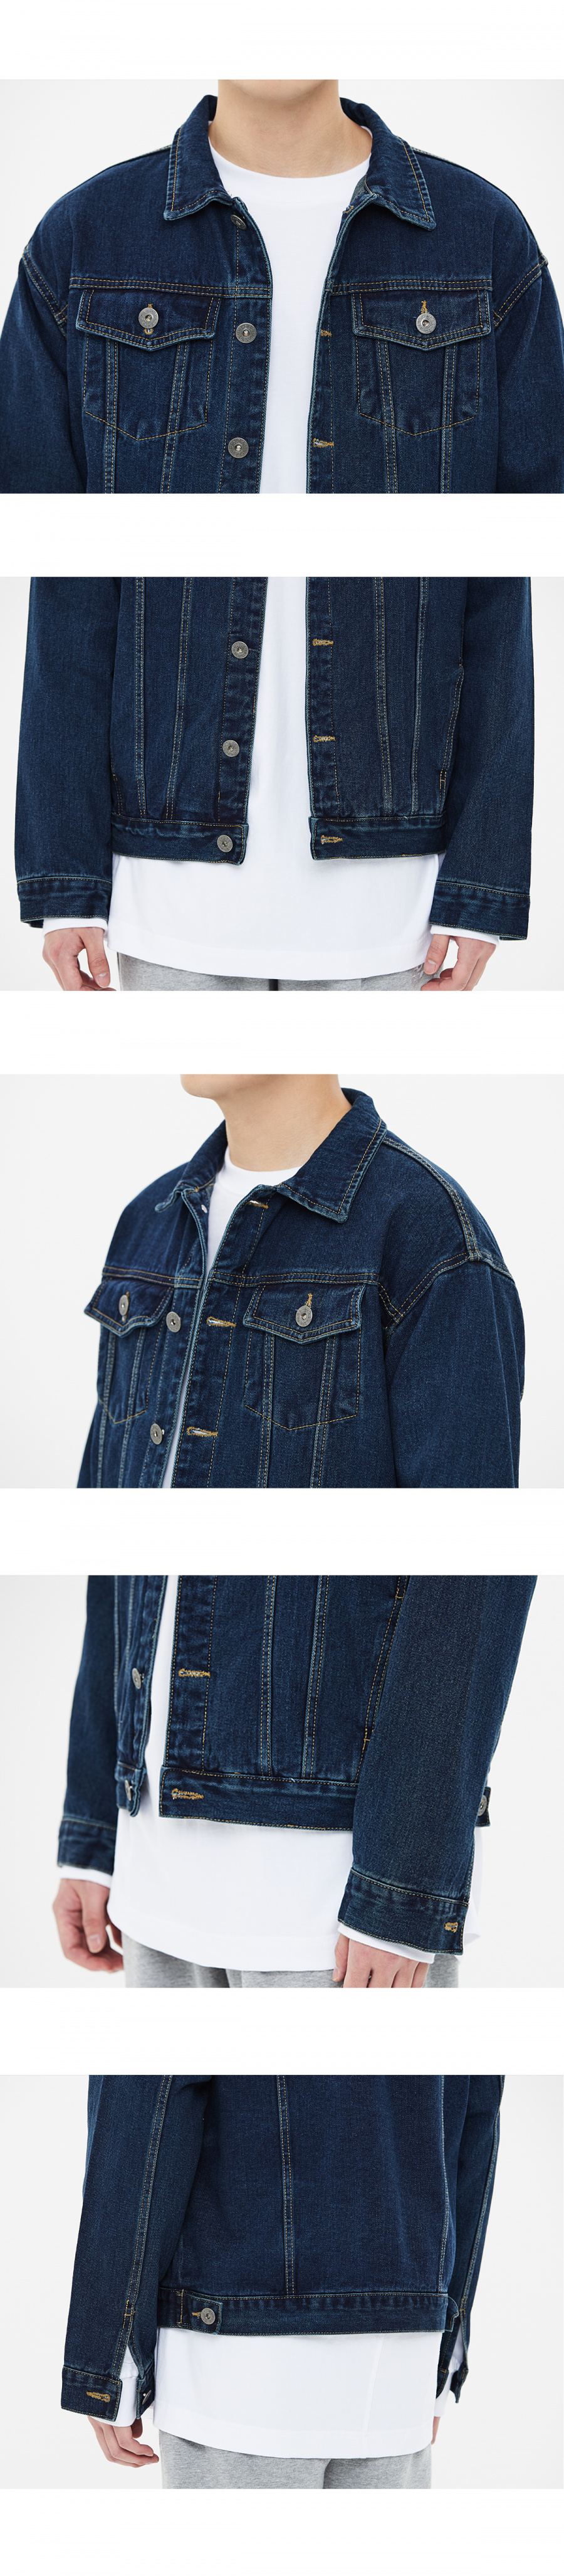 86로드(86ROAD) [8차 재입고]2724 Washing denim jacket (Blue